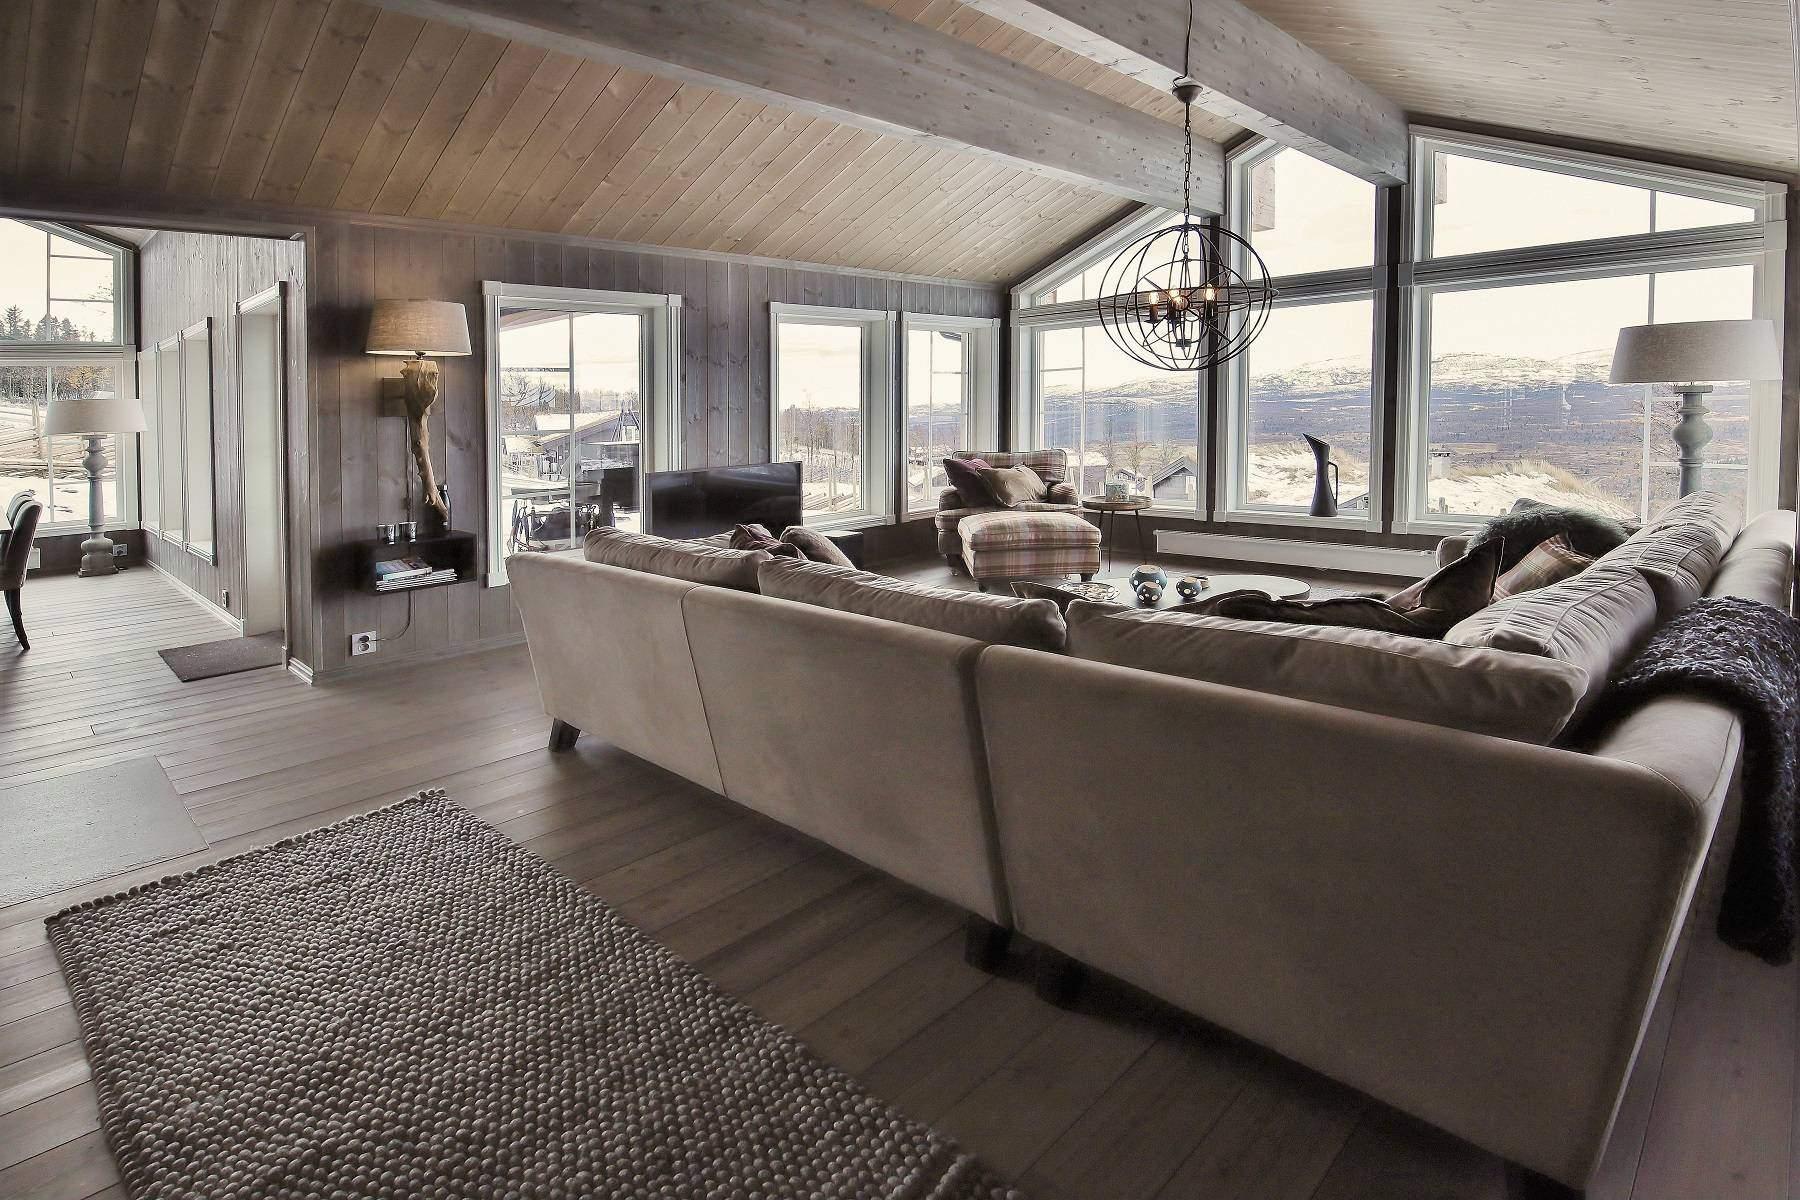 12 Hyttemodell Hytte Strynsfjell 122 Tiurtoppen Hytter. Stue og spisestue med store vinduflater